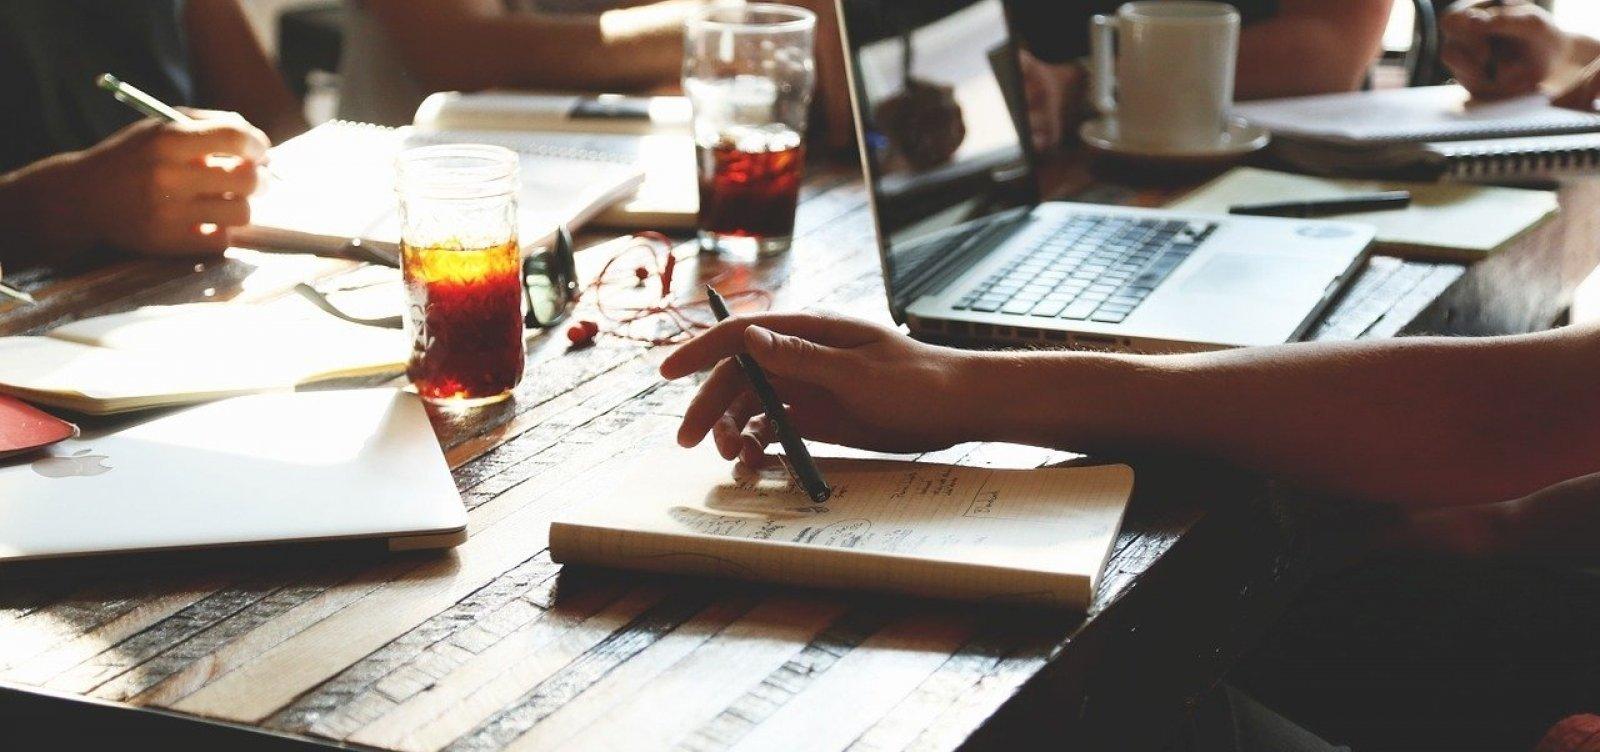 Governo abre consulta pública sobre nova legislação para startups